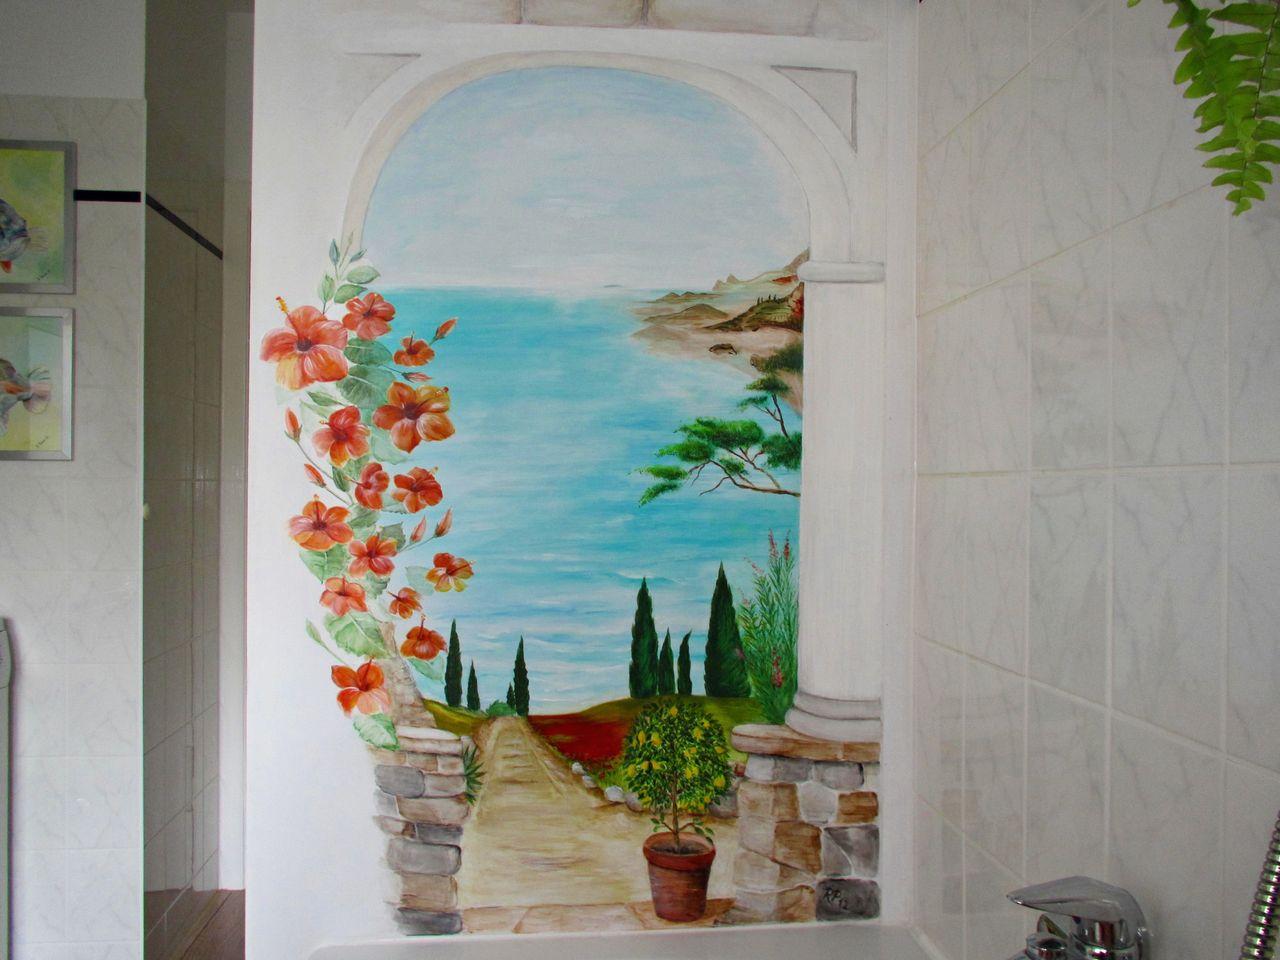 Blick aus dem fenster meer  Bild: Meer, Toskana, Weg, Hibiskus von Renate Prause bei KunstNet